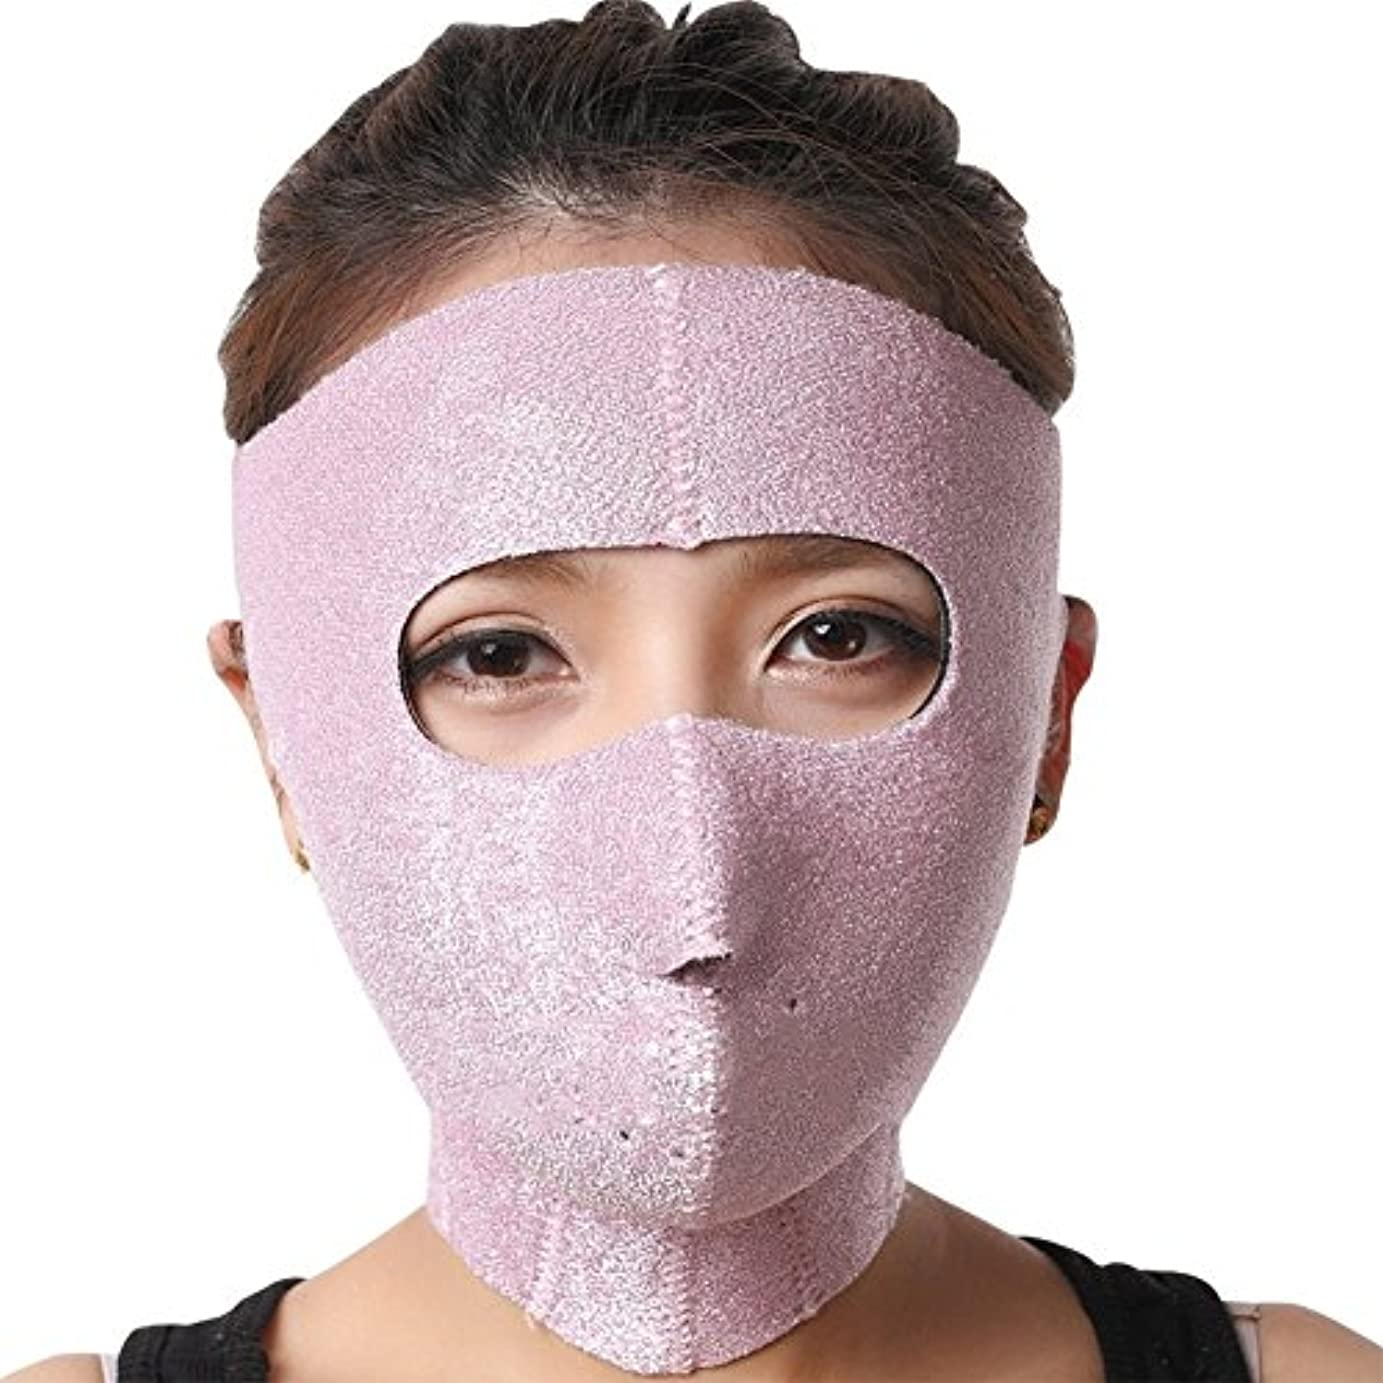 びっくりするインタビュー情熱汗だくマスク 小顔 サウナ マスク 汗 発汗 フェイス 顔 TEC-KONARUD